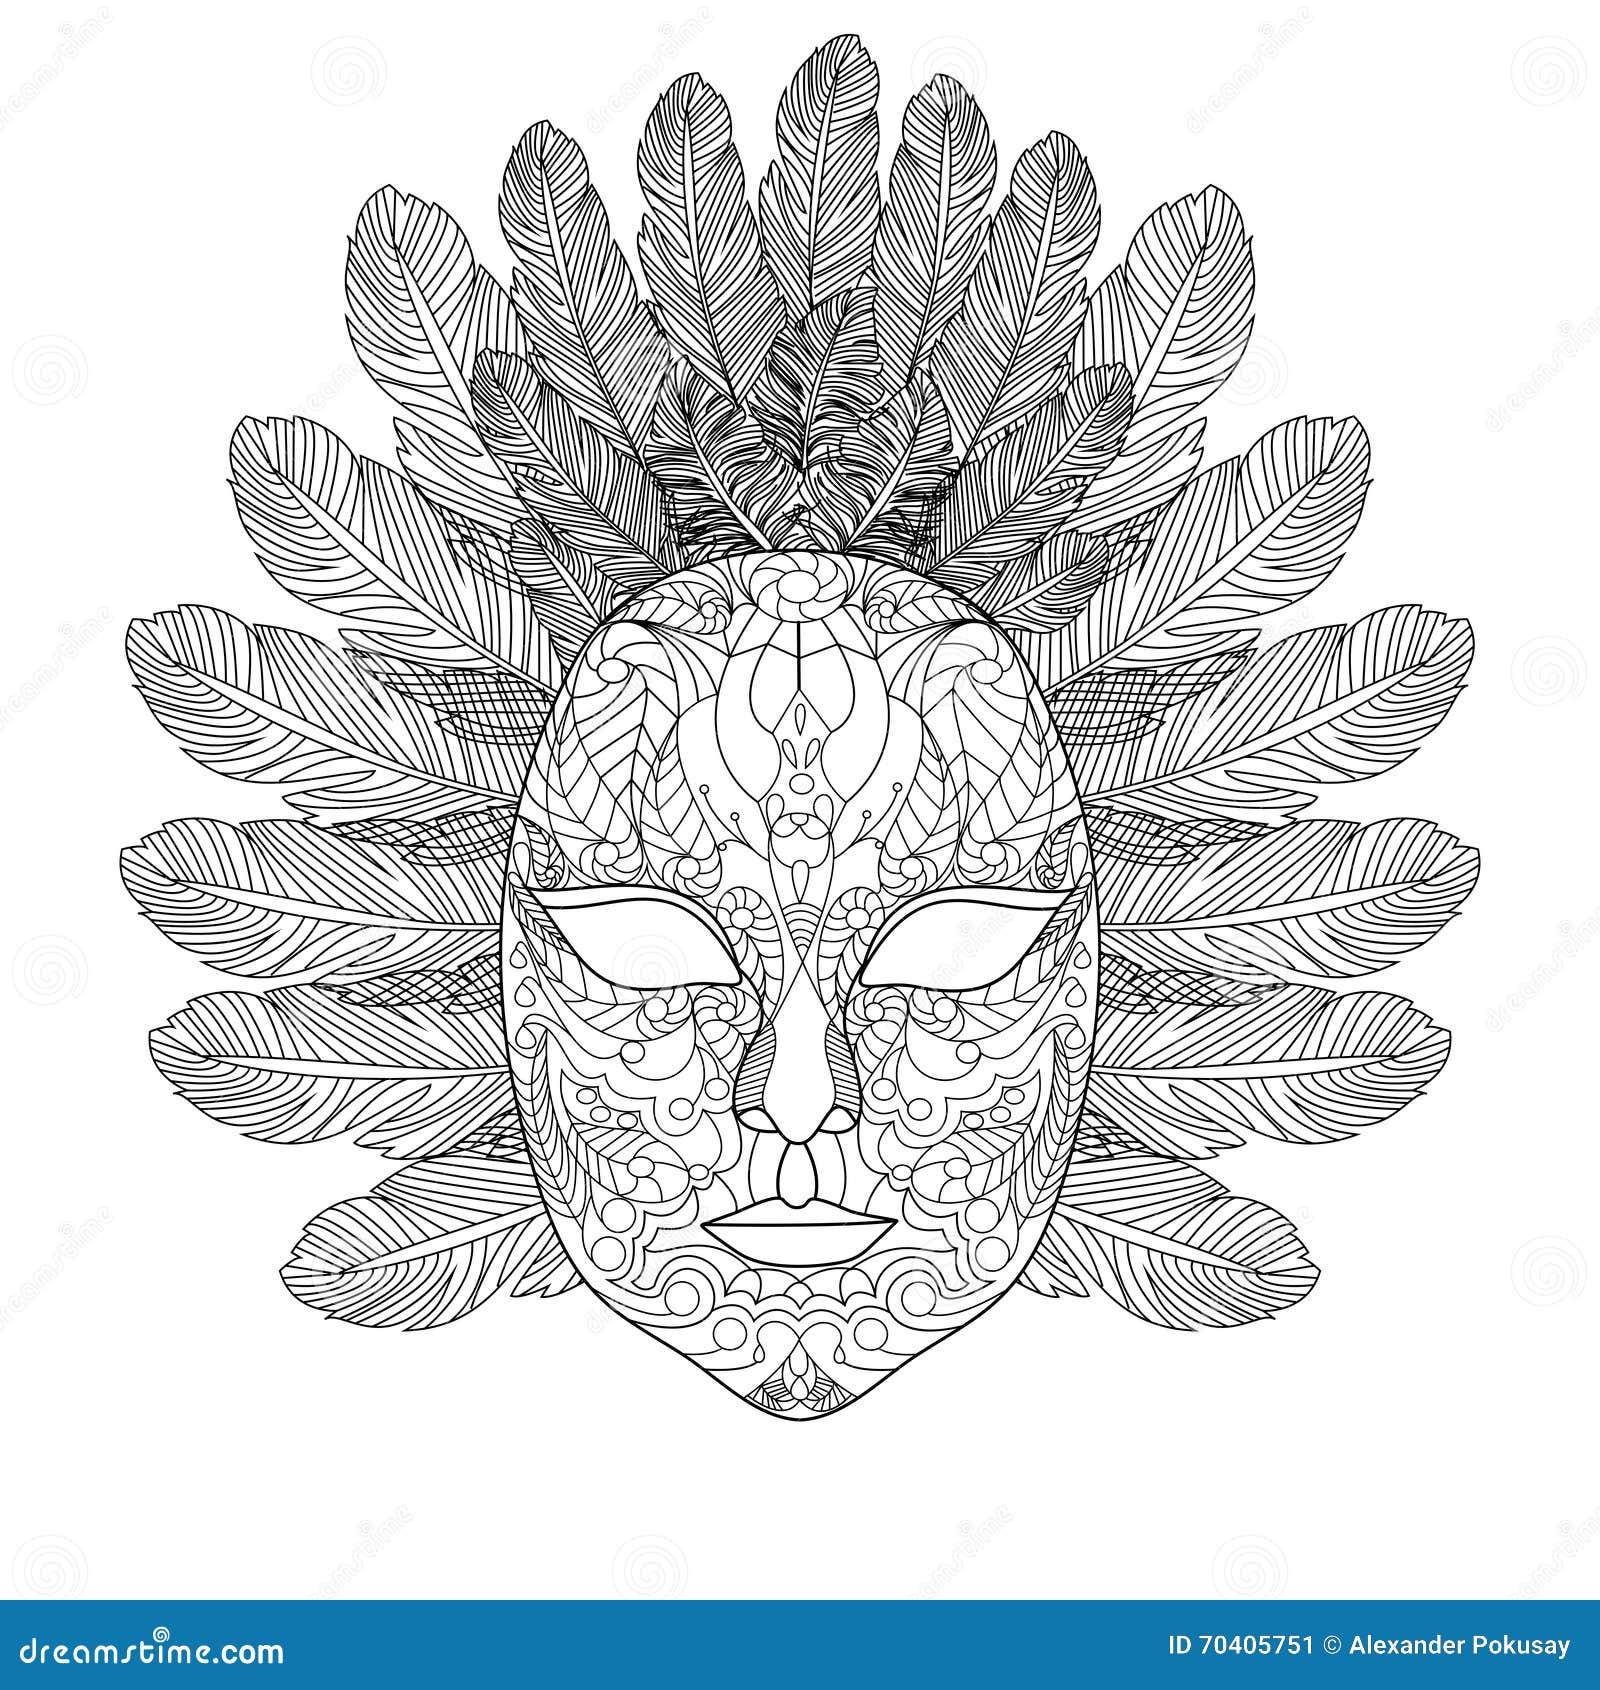 HD wallpapers venetian masks coloring book